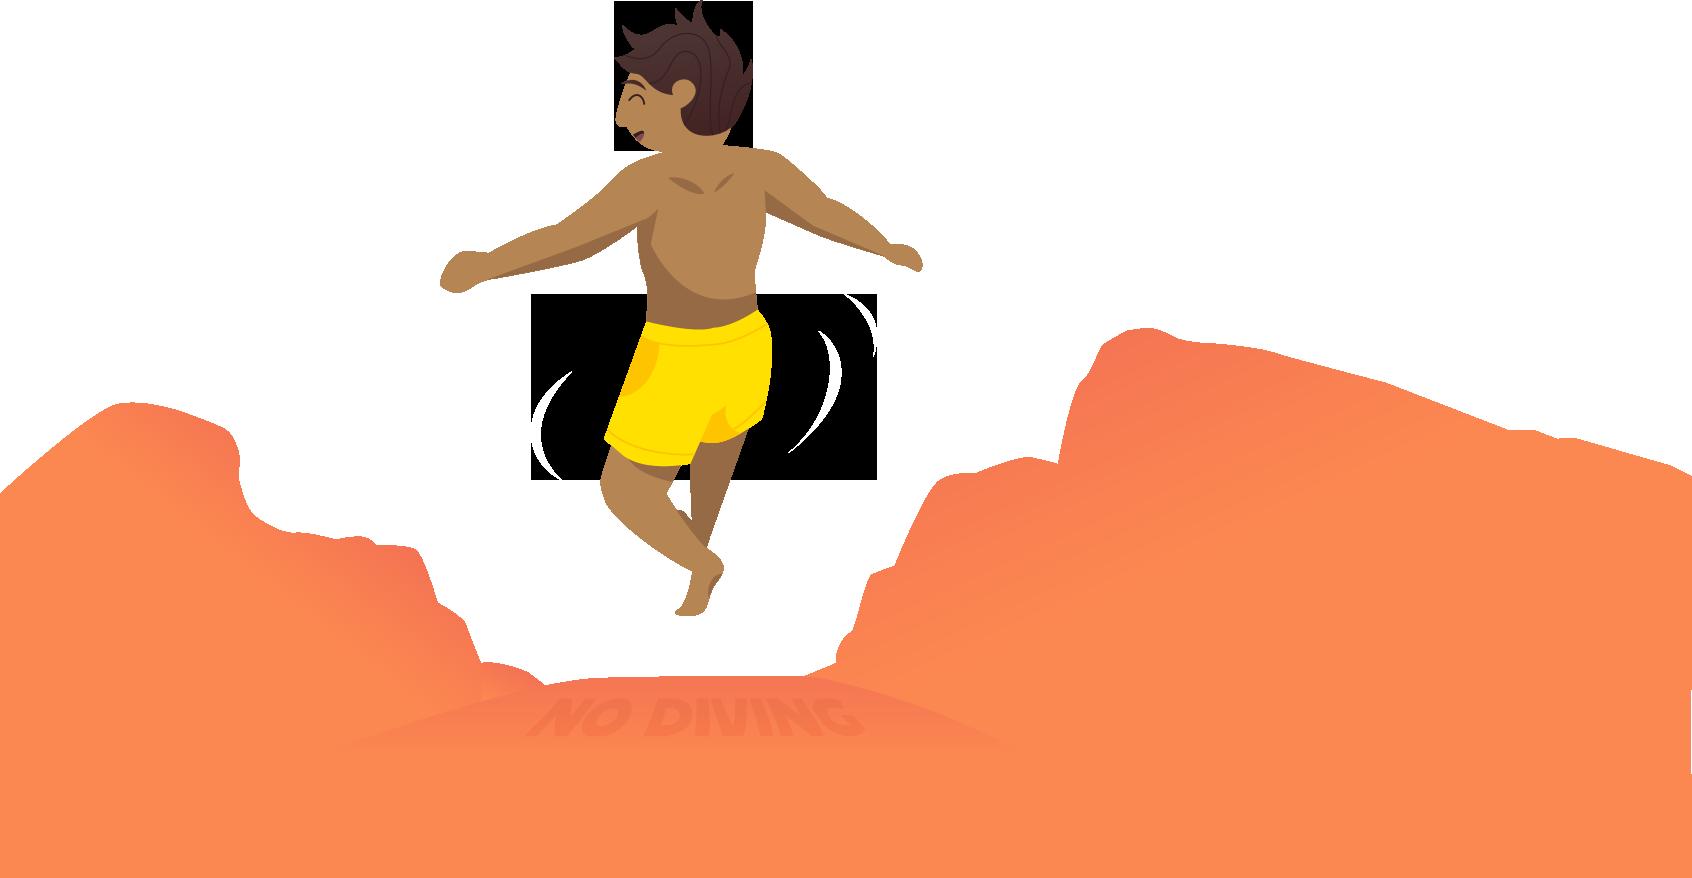 在迪恩蓝洞跳下悬崖